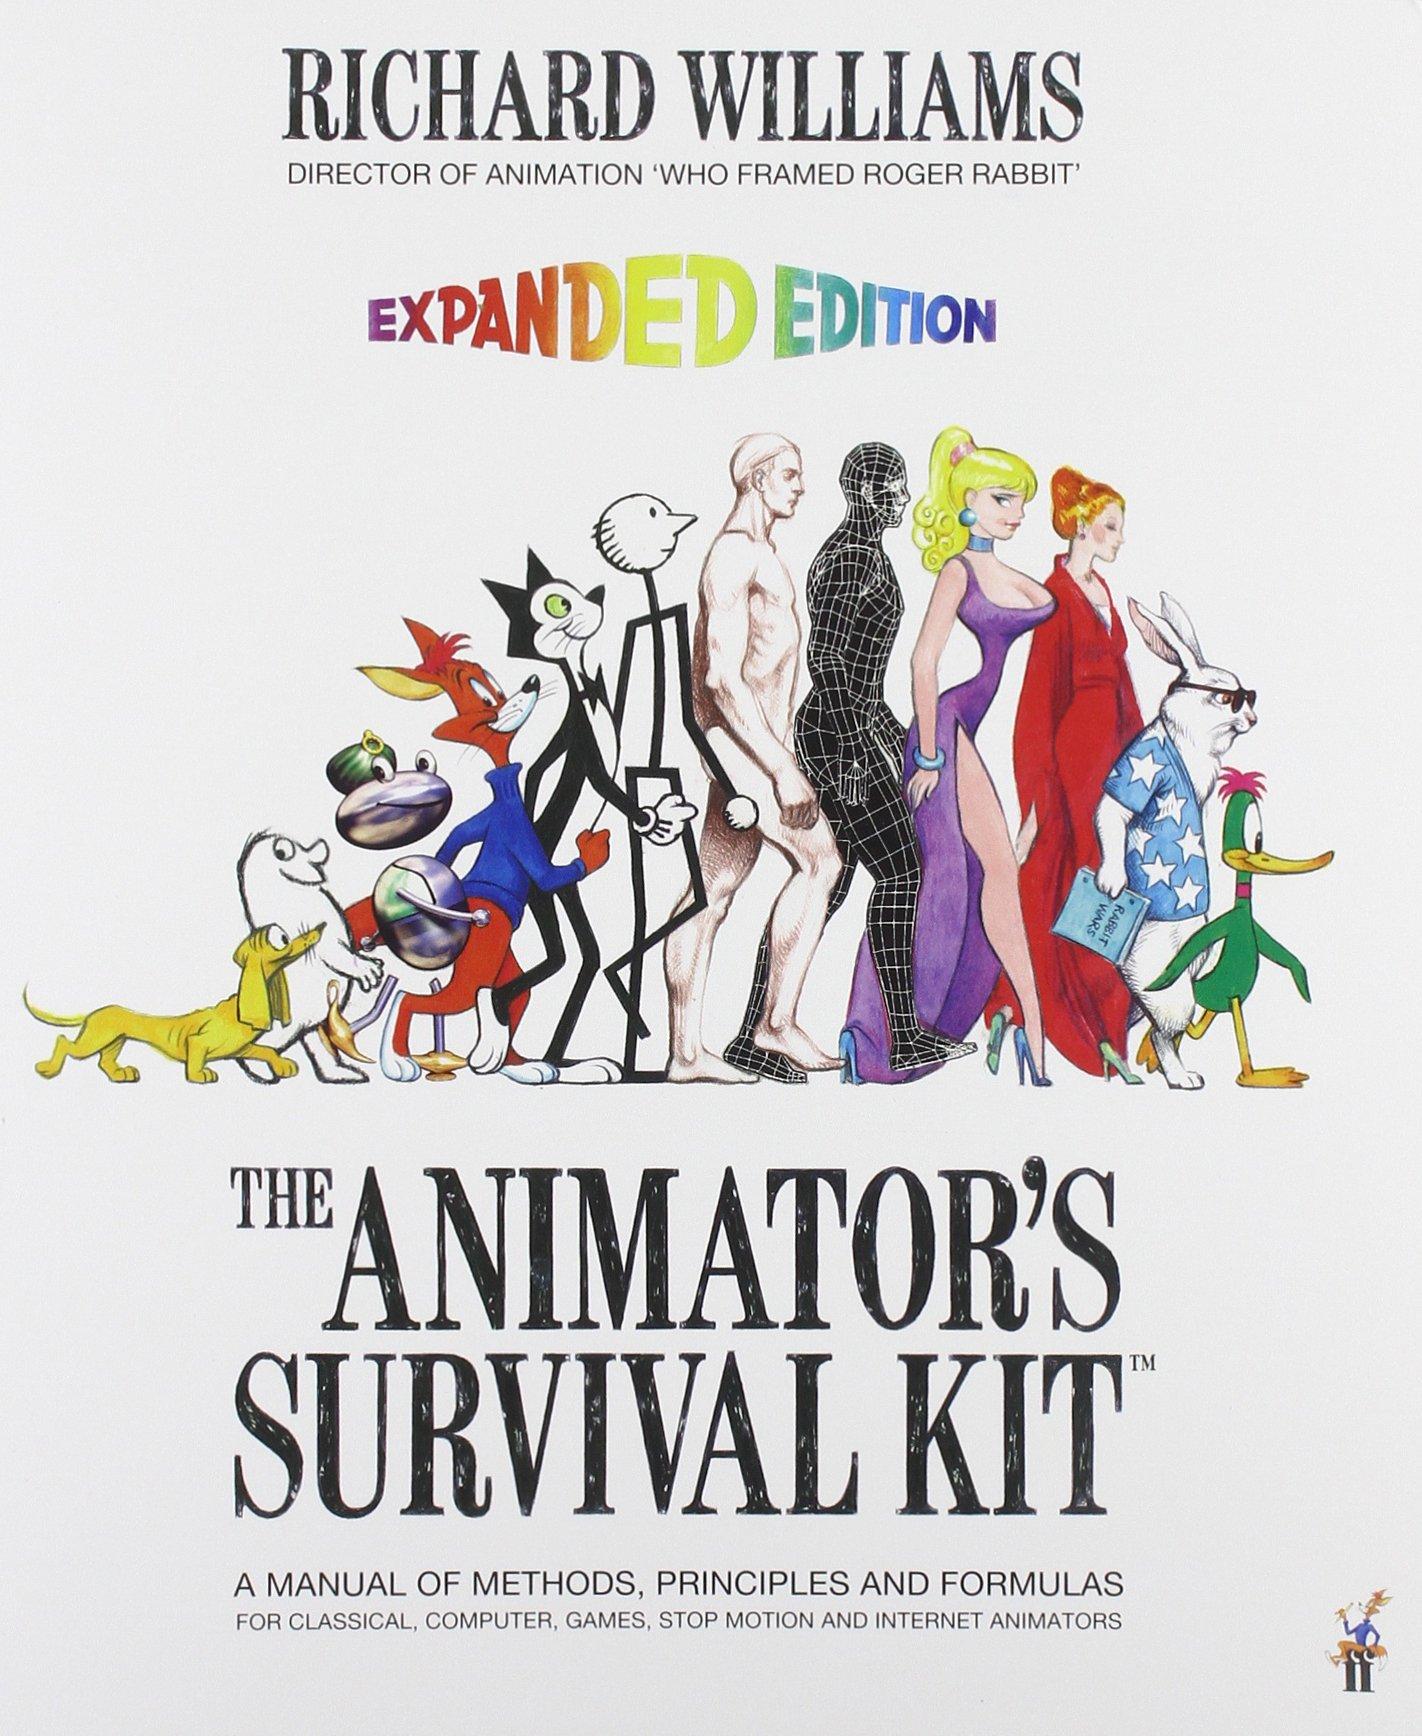 02_The Animator's Survival Kit